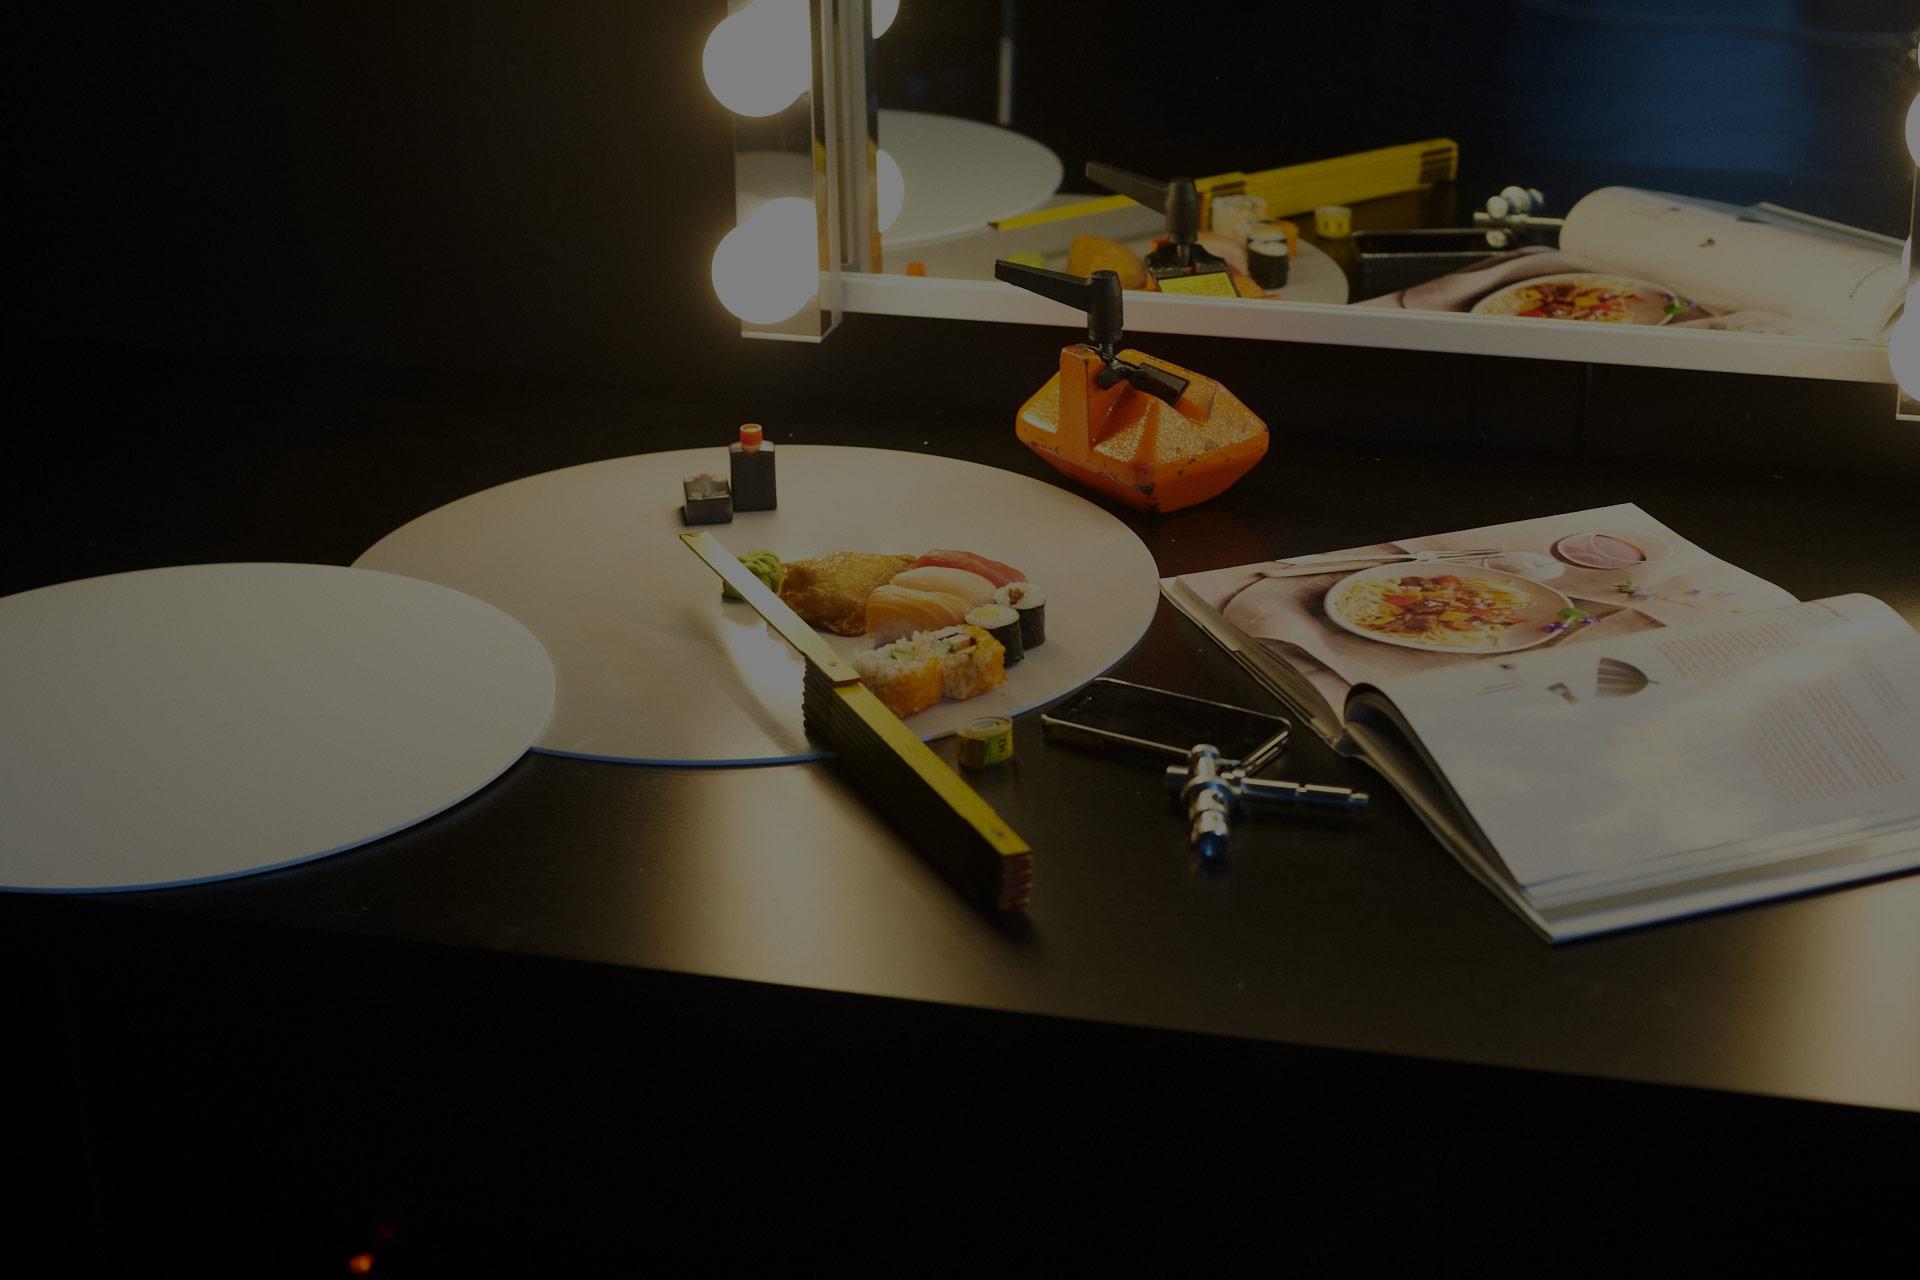 Tischplatten von 4 m Länge und 1 m Breite mit Hintergrundbeleuchtung wurden eigens für den Foodstylist aufgebaut